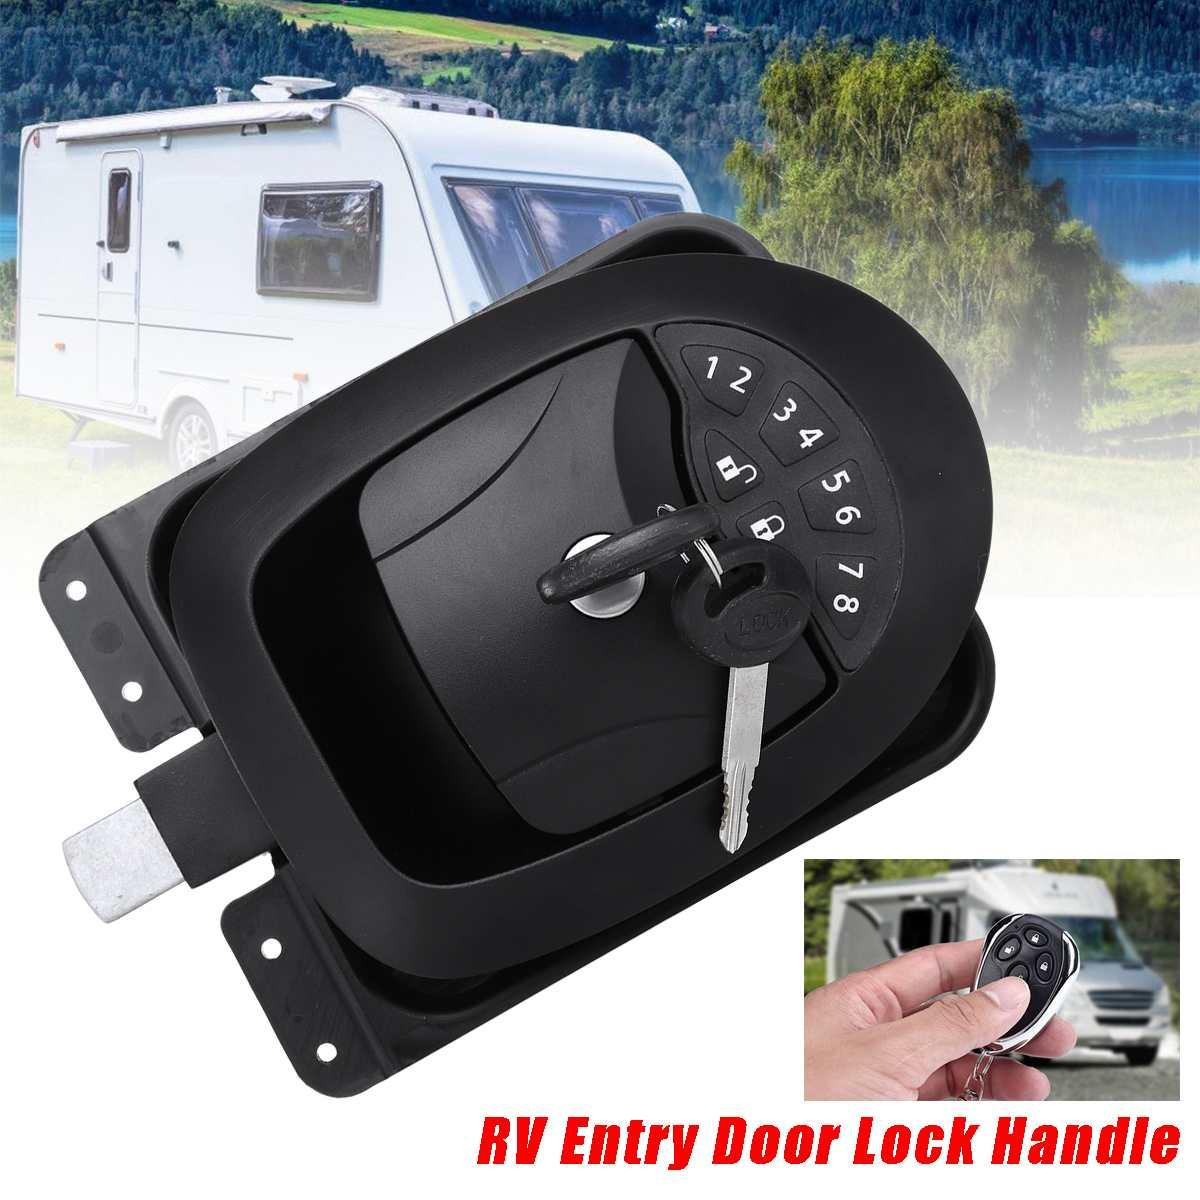 Voiture RV sans clé entrée sans fil remorque électrique caravane bateau porte serrure poignée en alliage de Zinc + plastique étanche avec deux clés